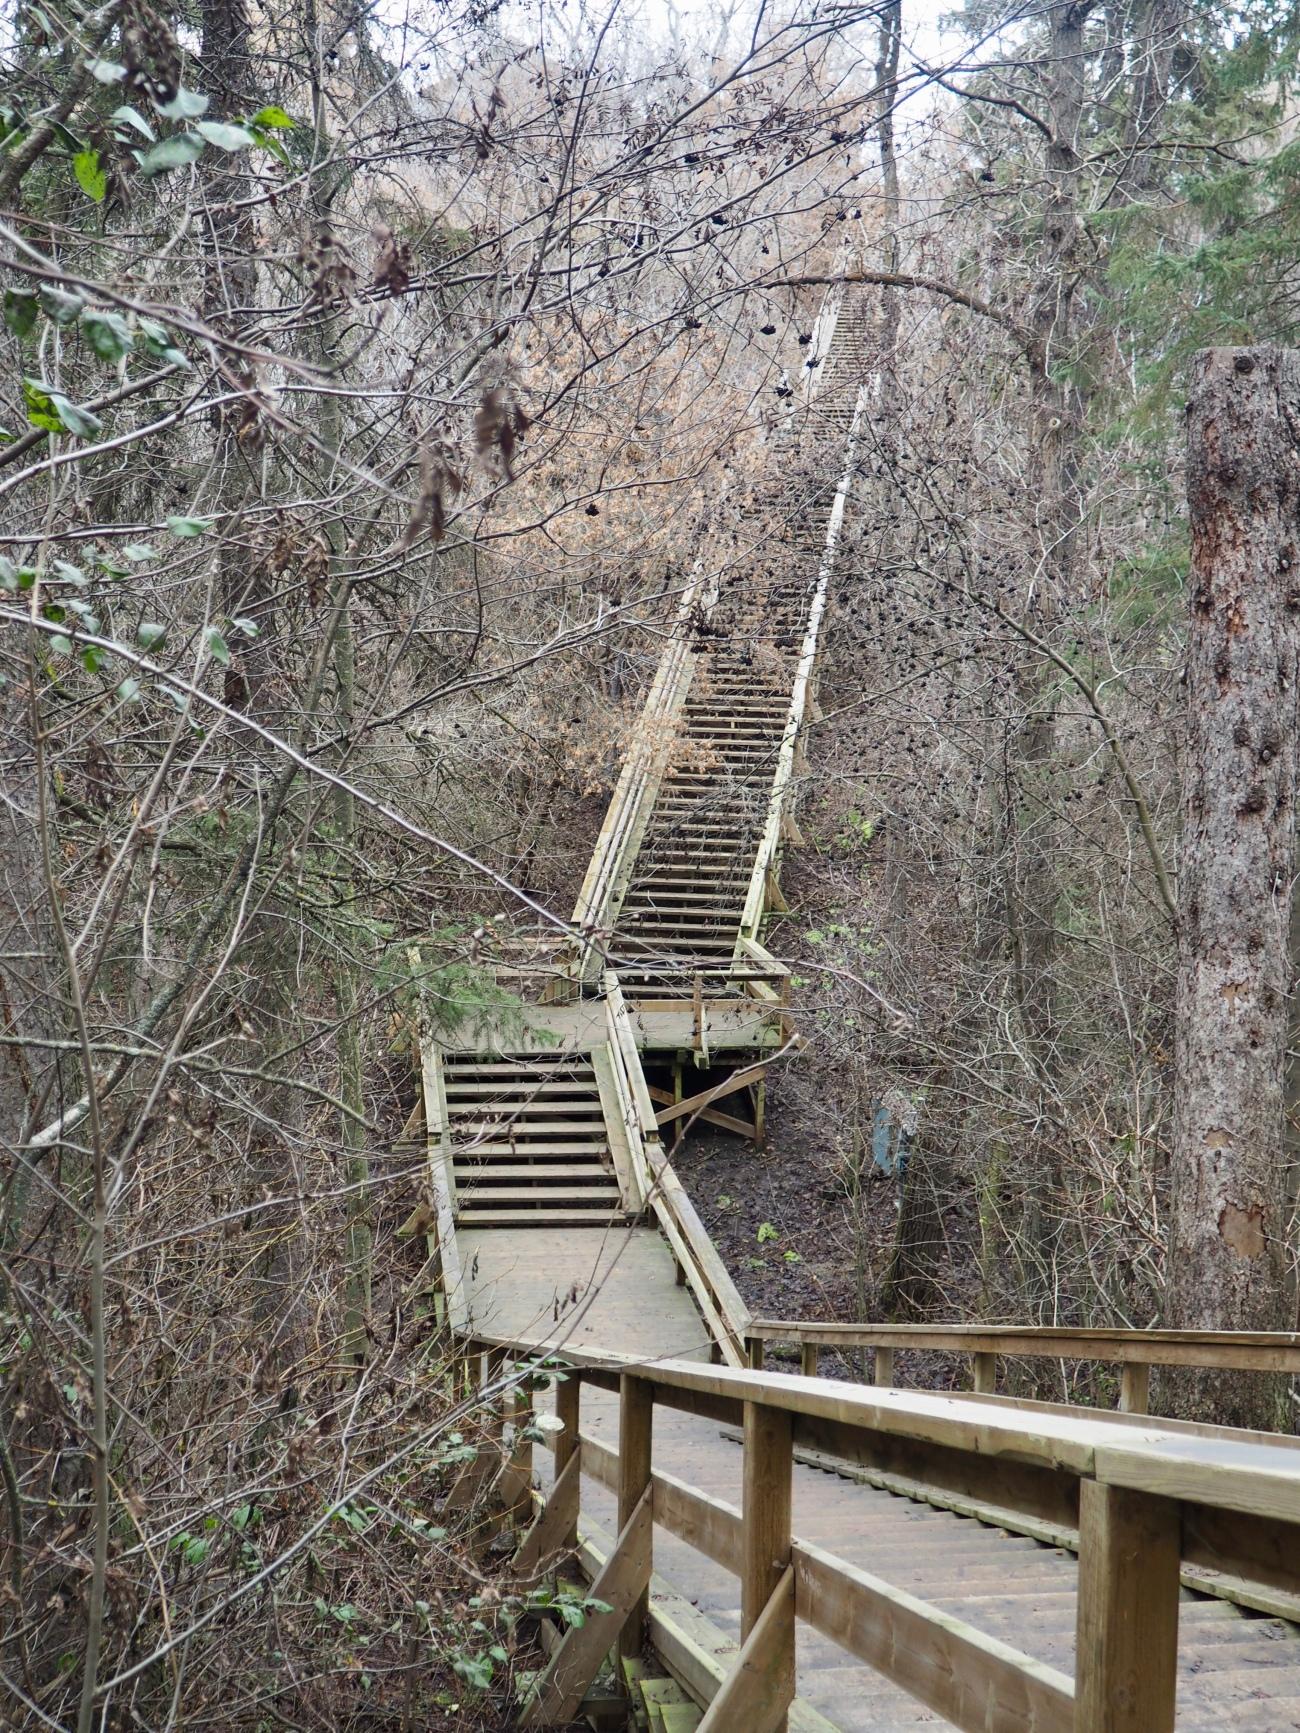 Very steep stairway